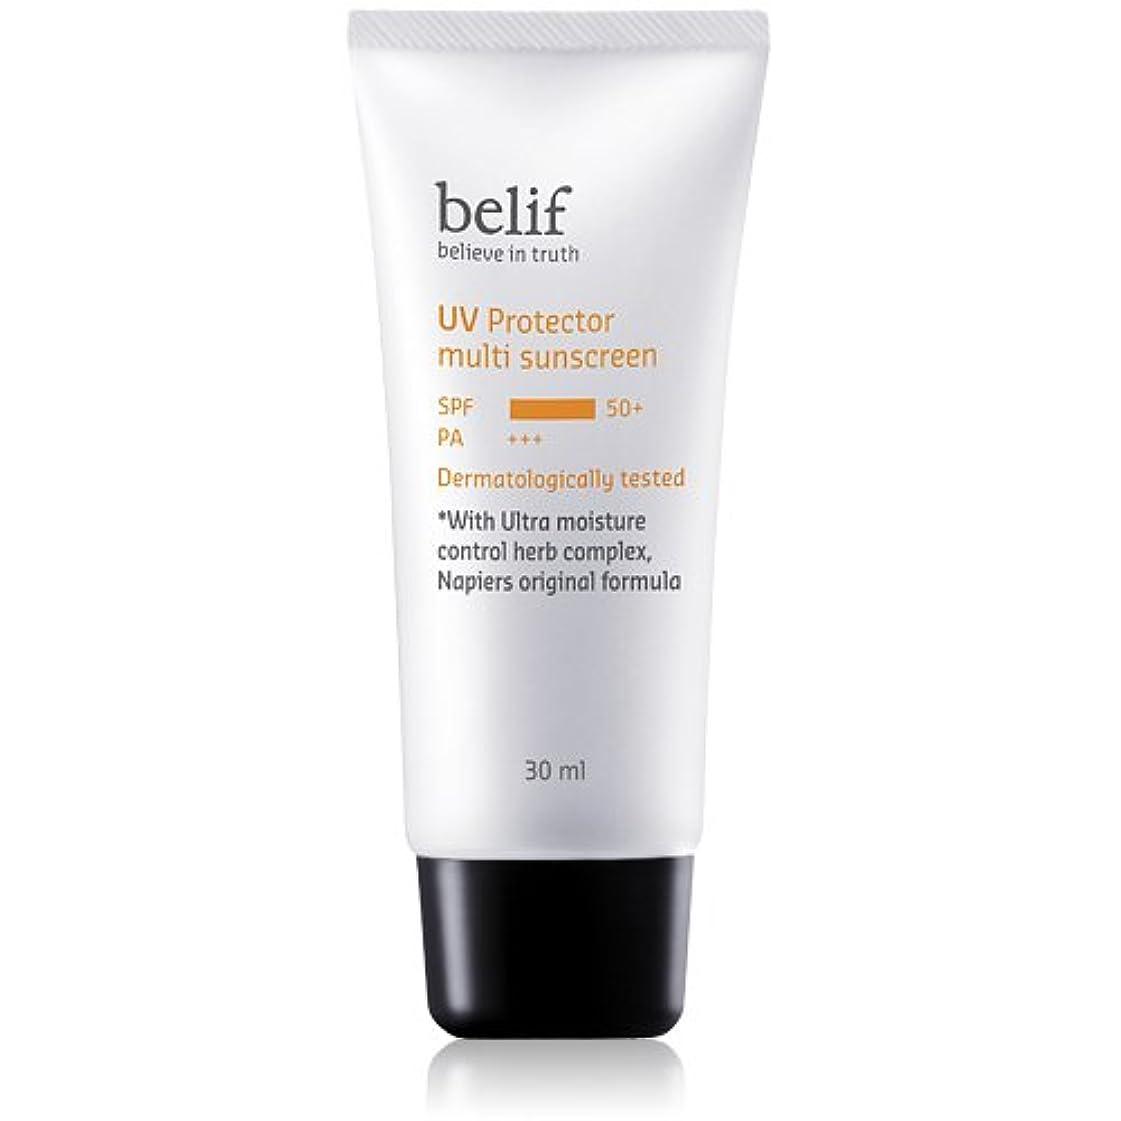 怠惰罪呼び出すBelif(ビリーフ)UV Protector Multi sunscreen 30ml/ビリーフUVプロテクターマルチサンスクリーン